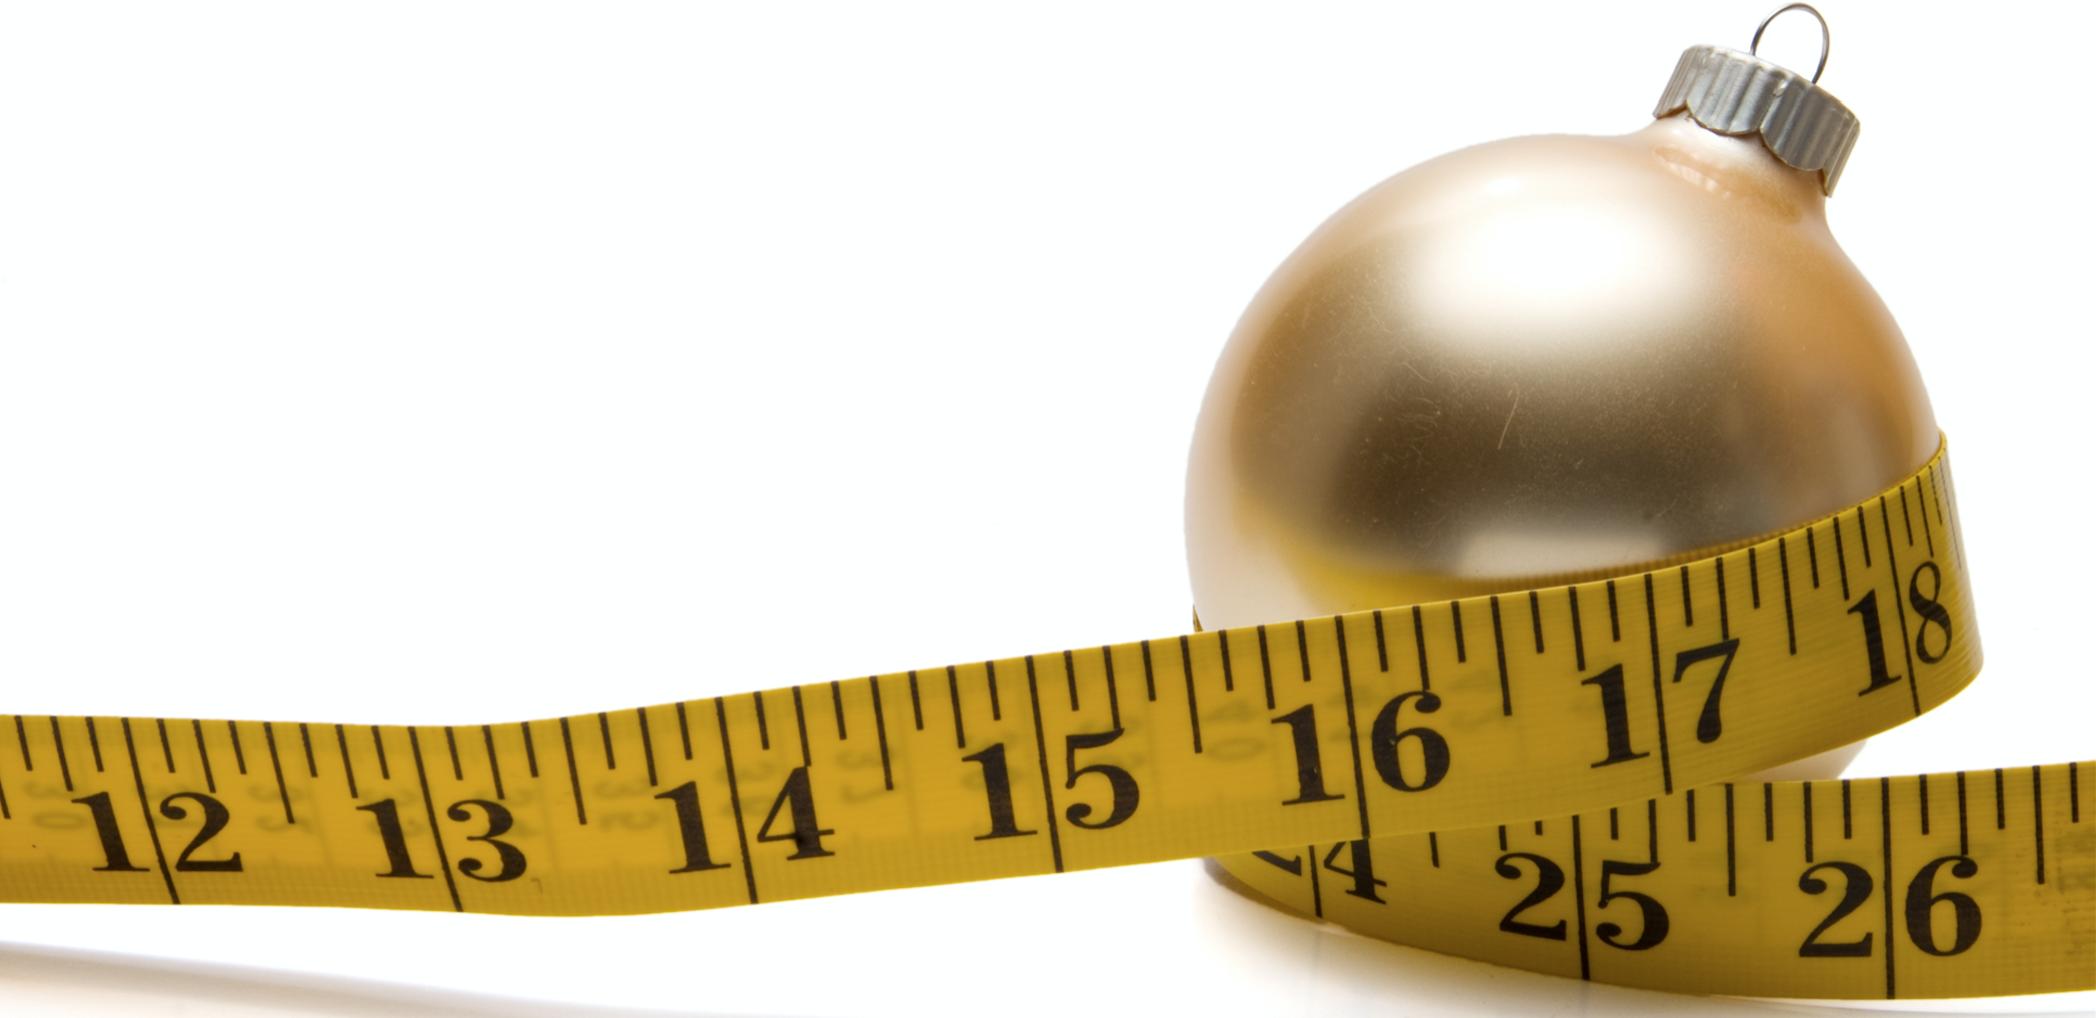 Не стоит казнить себя за некоторую округлость форм после новогодних застолий, проблема легко поправима